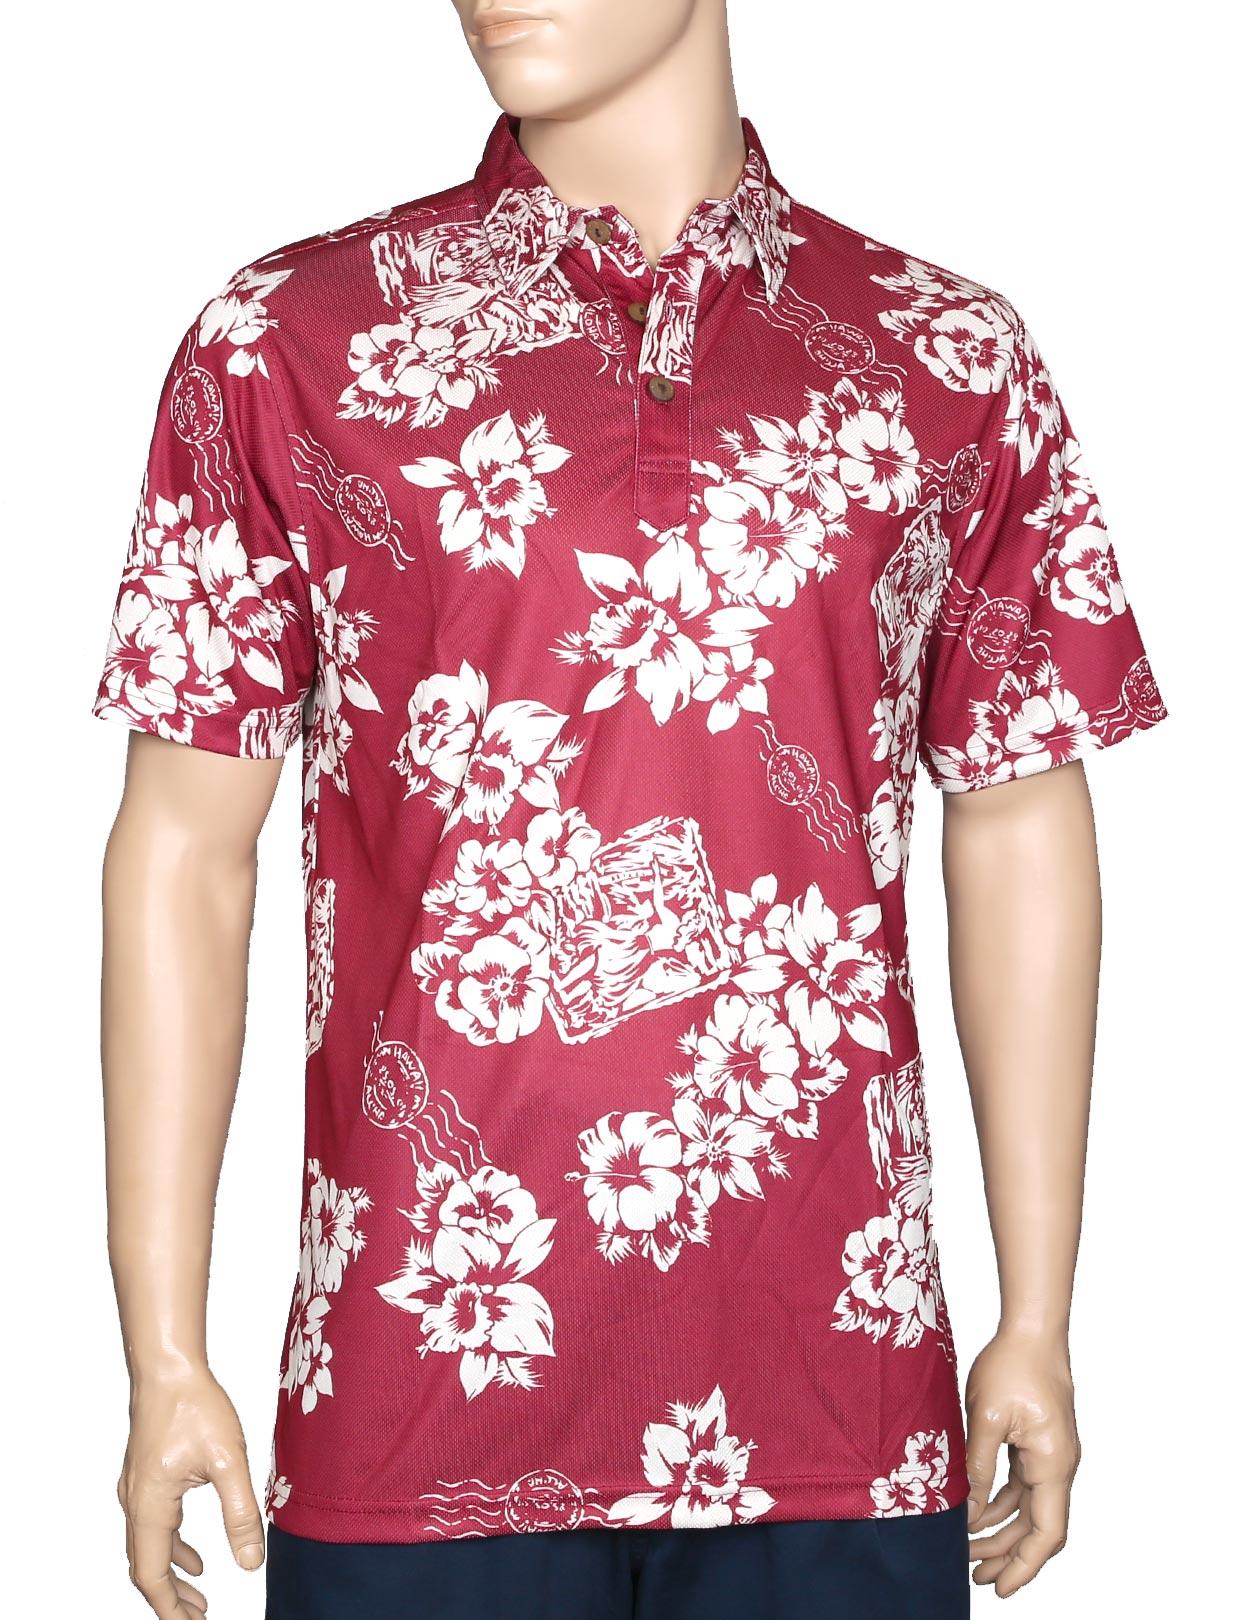 Floral Postcard Maroon Polo Shirt Wrinkle Free Shaka Time Hawaii